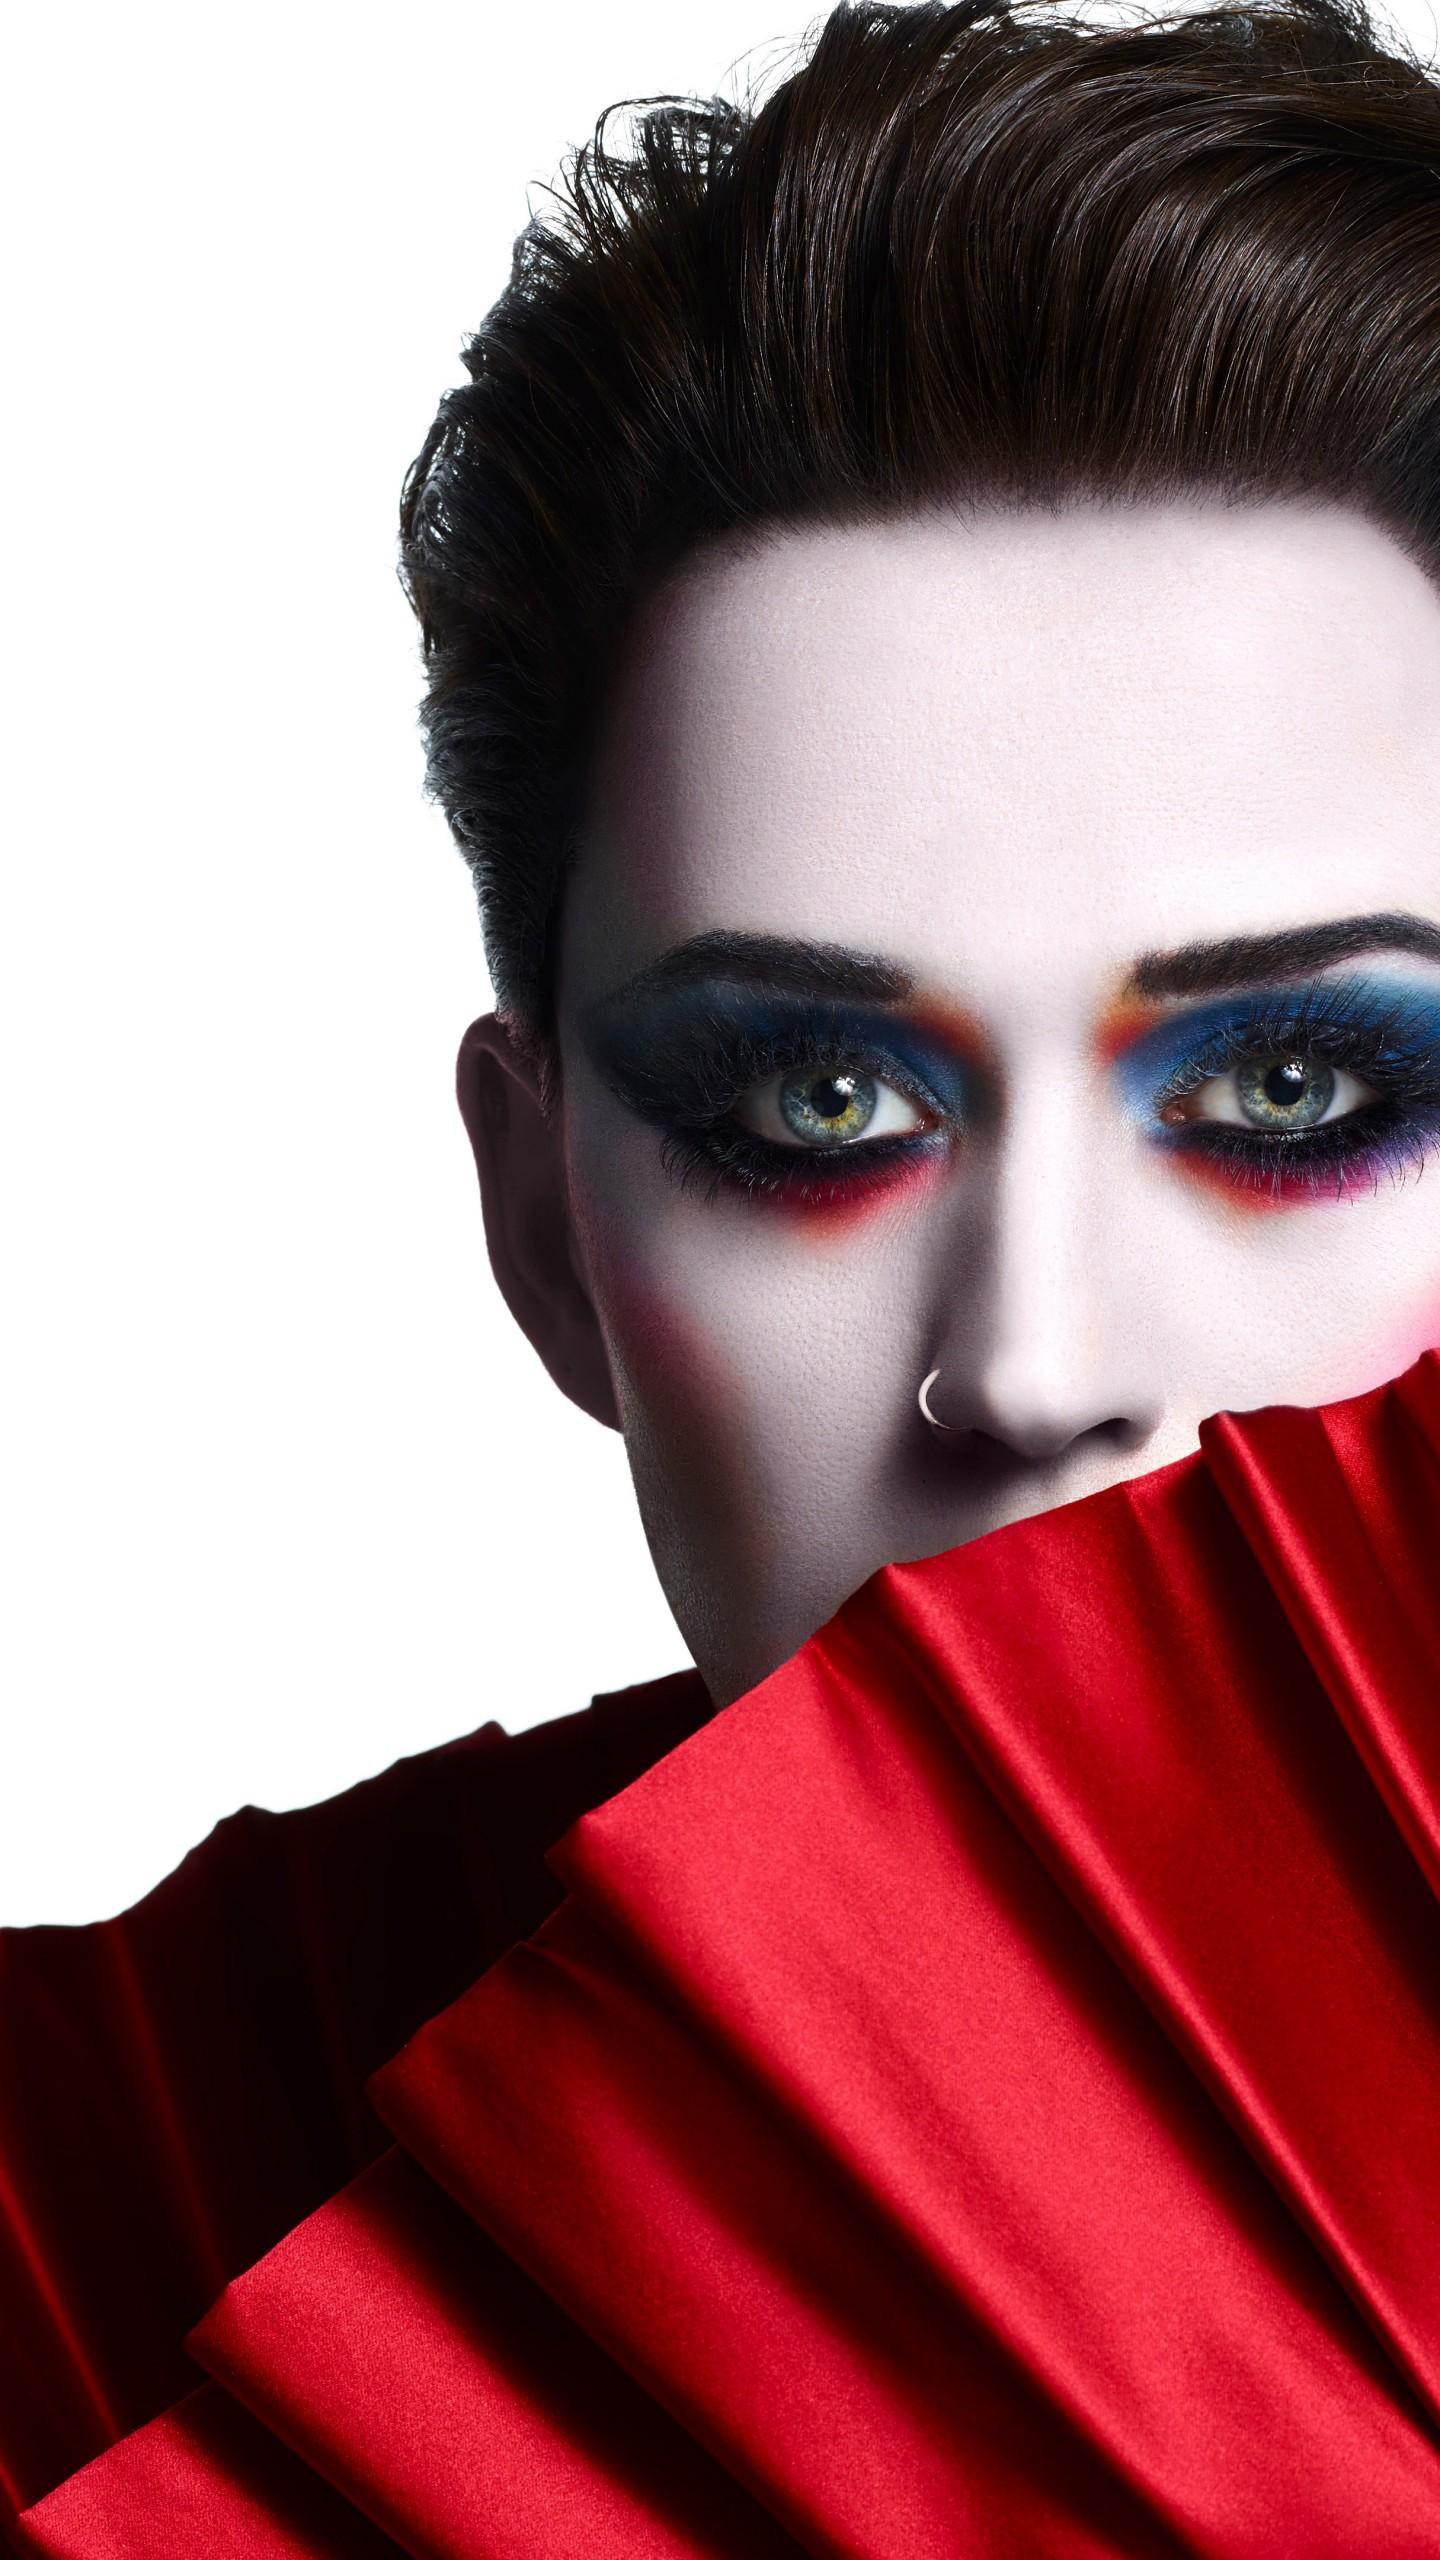 عکس زمینه چهارمین آلبوم استودیویی خواننده آمریکایی کیتی پری پس زمینه